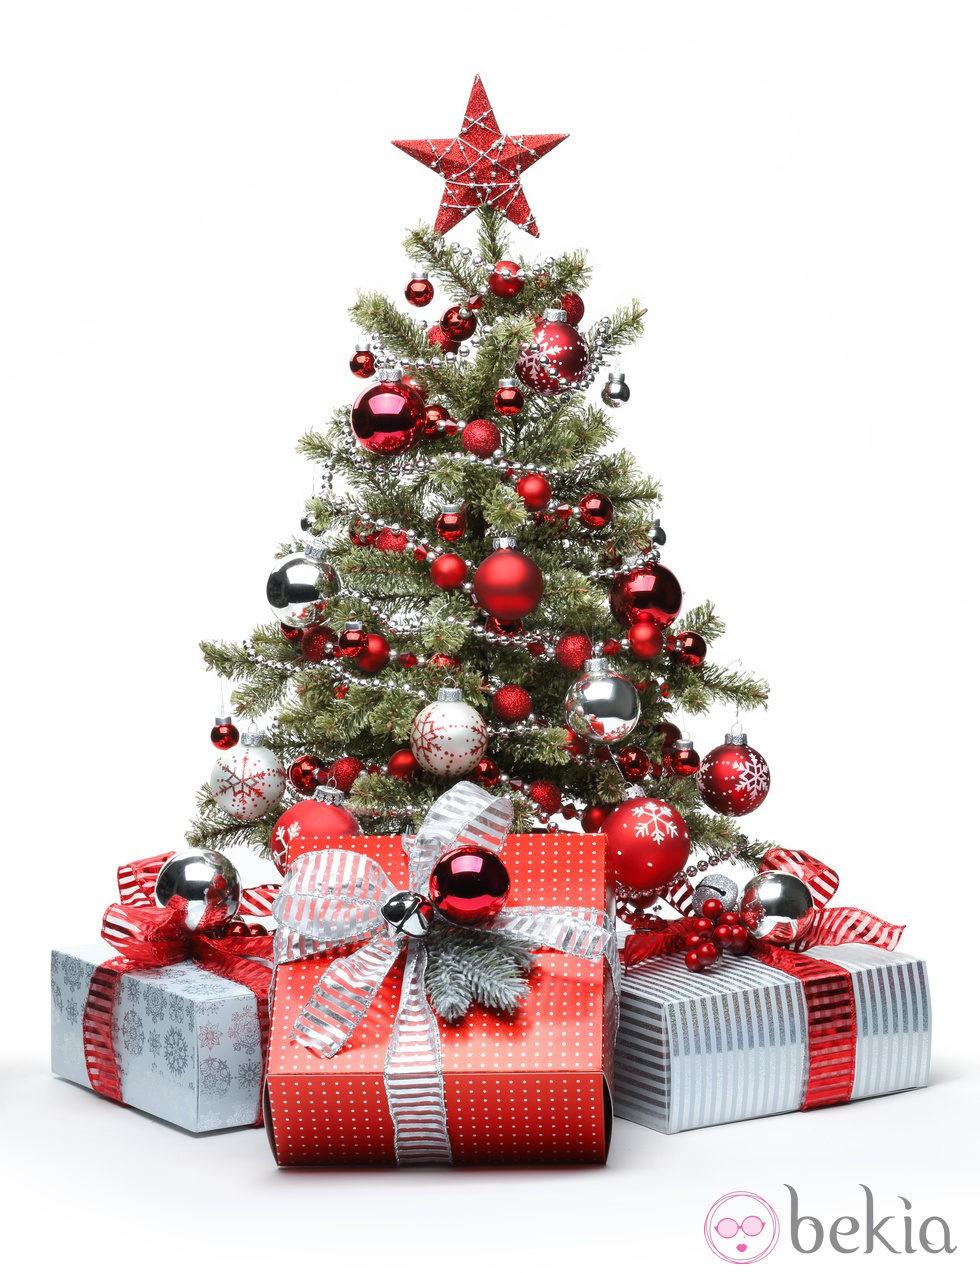 Rbol de navidad decorado con adornos blancos y rojos for Decoracion para arboles de navidad blancos